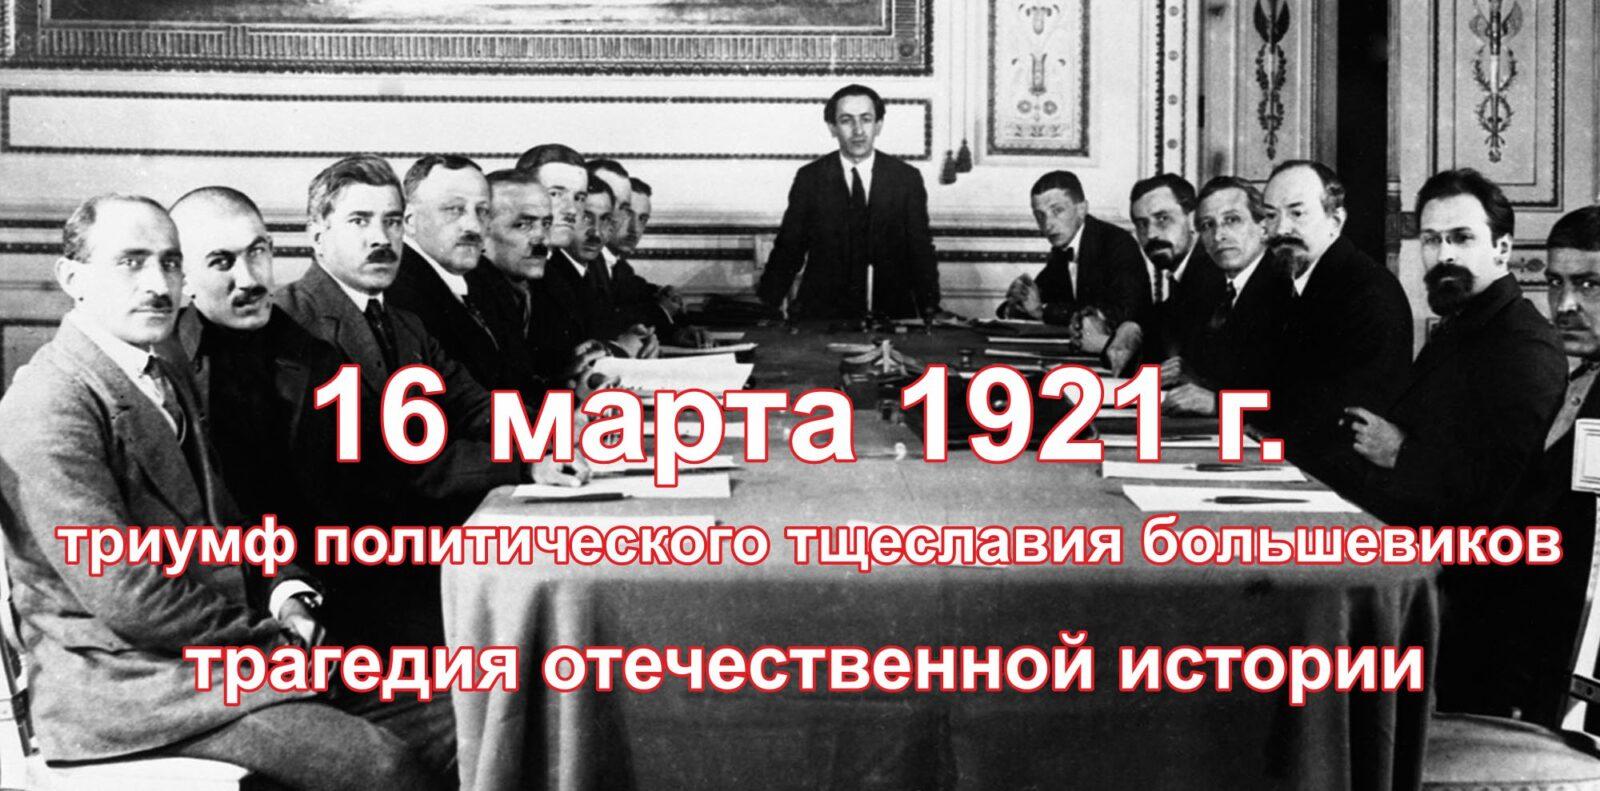 Александр Шерин: 16 марта 1921 г. Триумф тщеславия большевиков и трагедия Отечественной истории